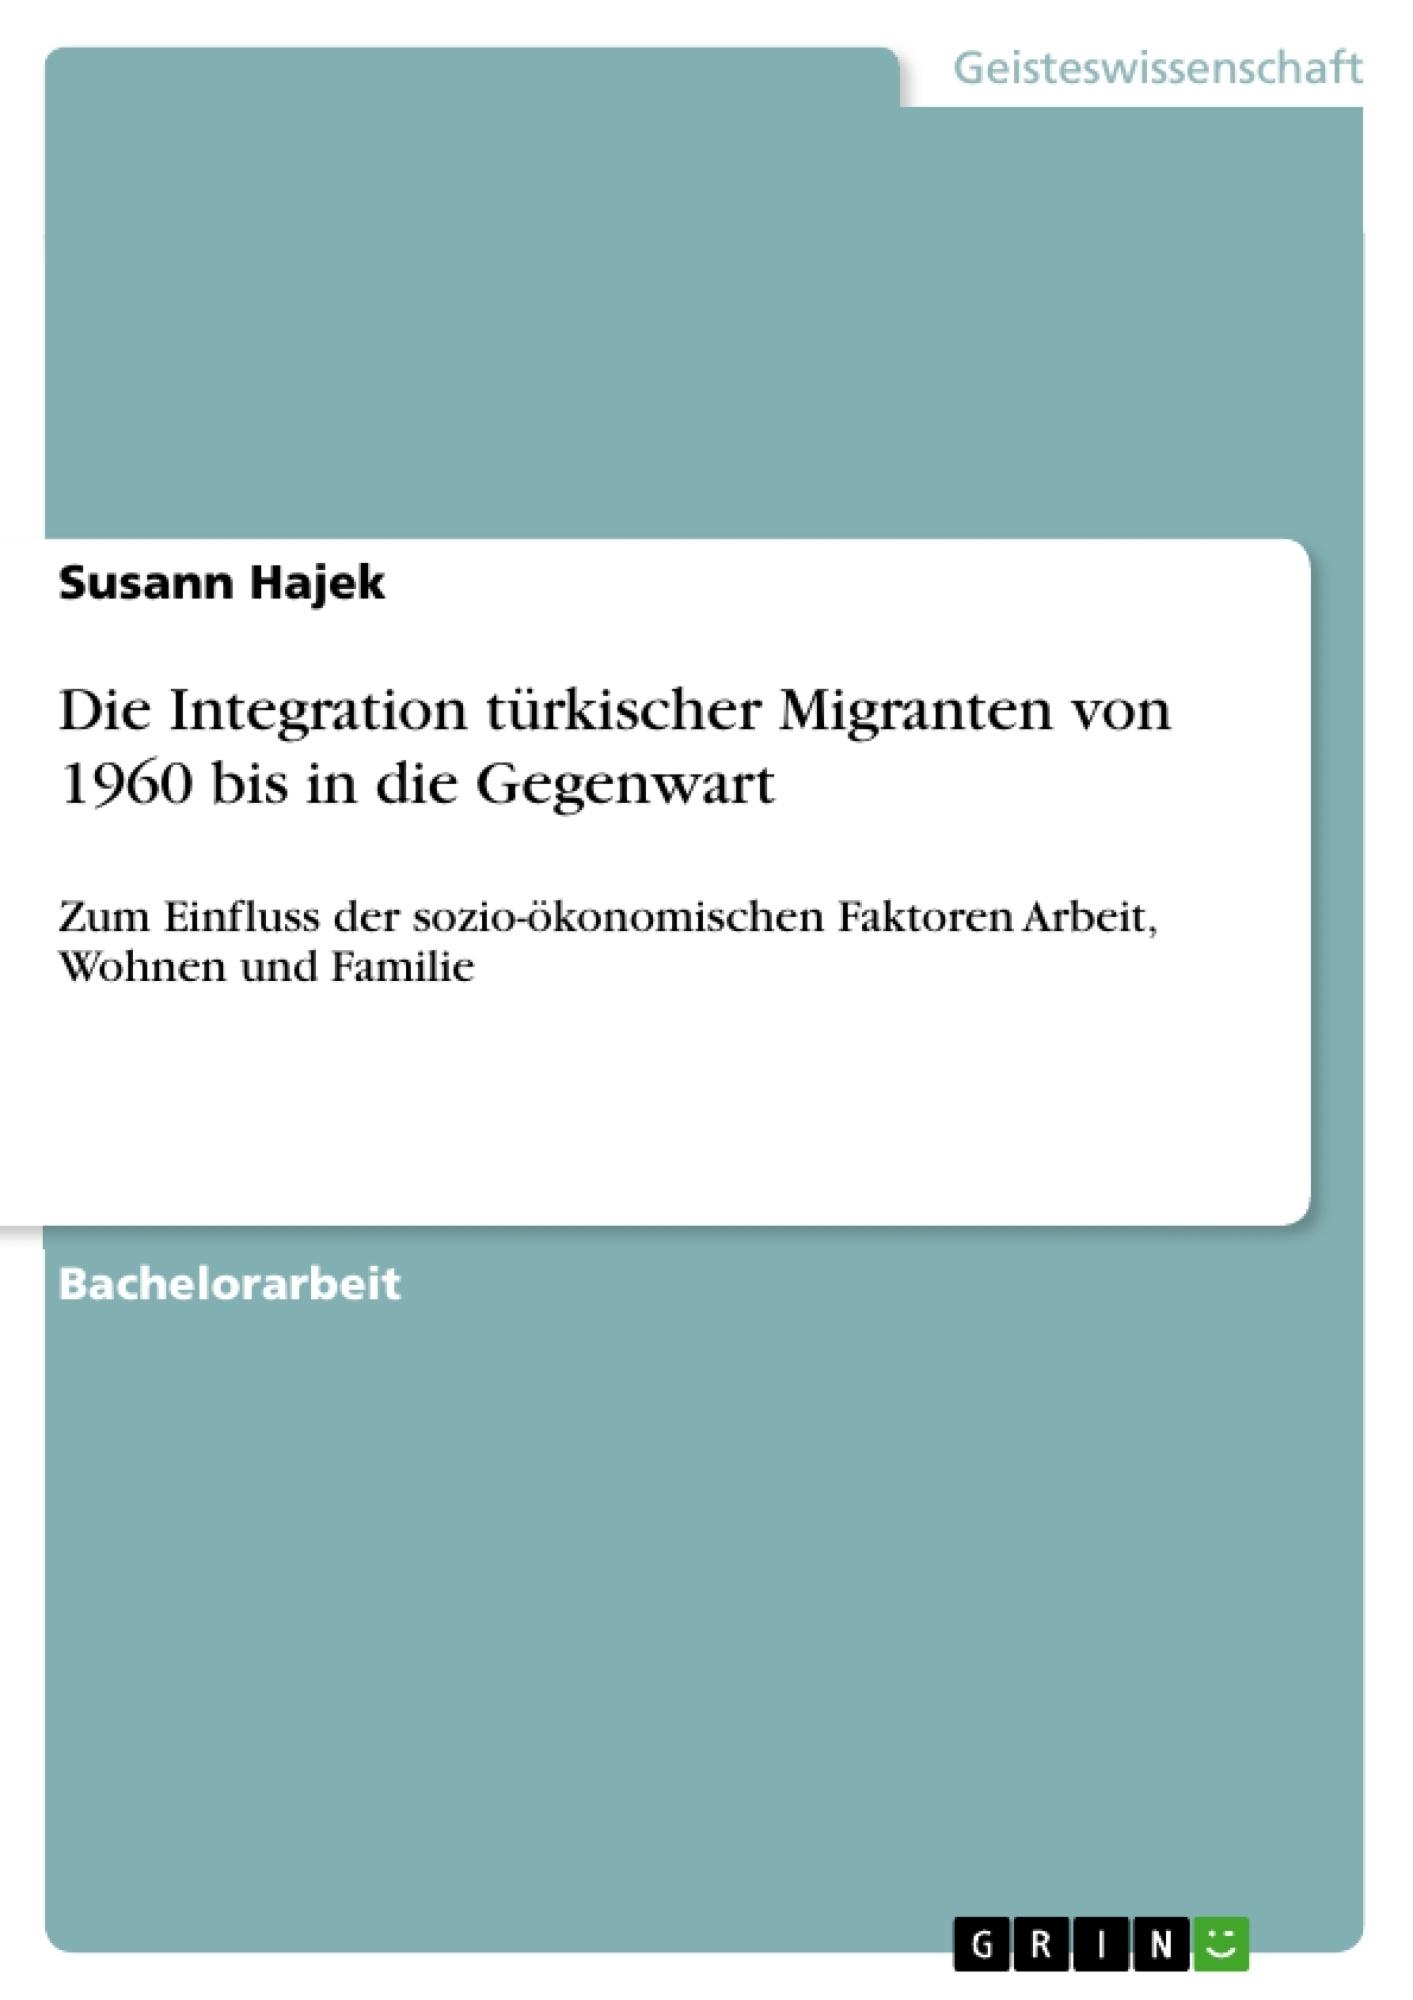 Titel: Die Integration türkischer Migranten von 1960 bis in die Gegenwart